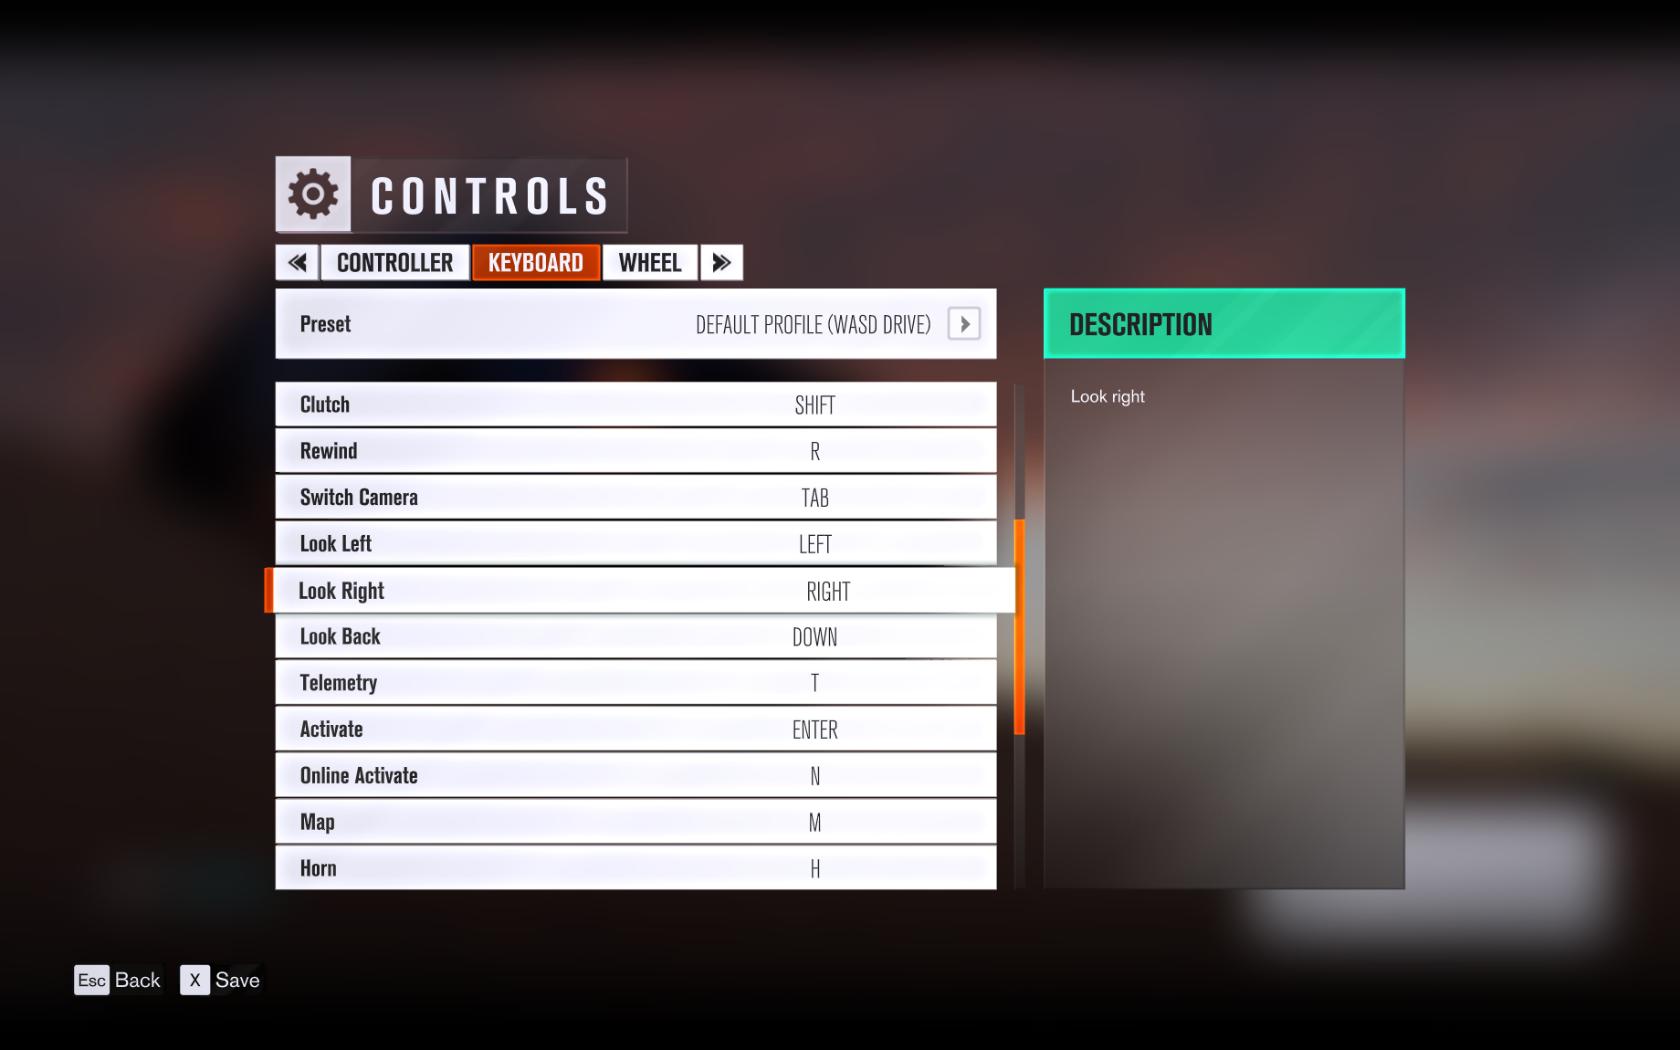 Jak funguje festival rychlosti z Forza Horizon 3 na počítačích? 131207